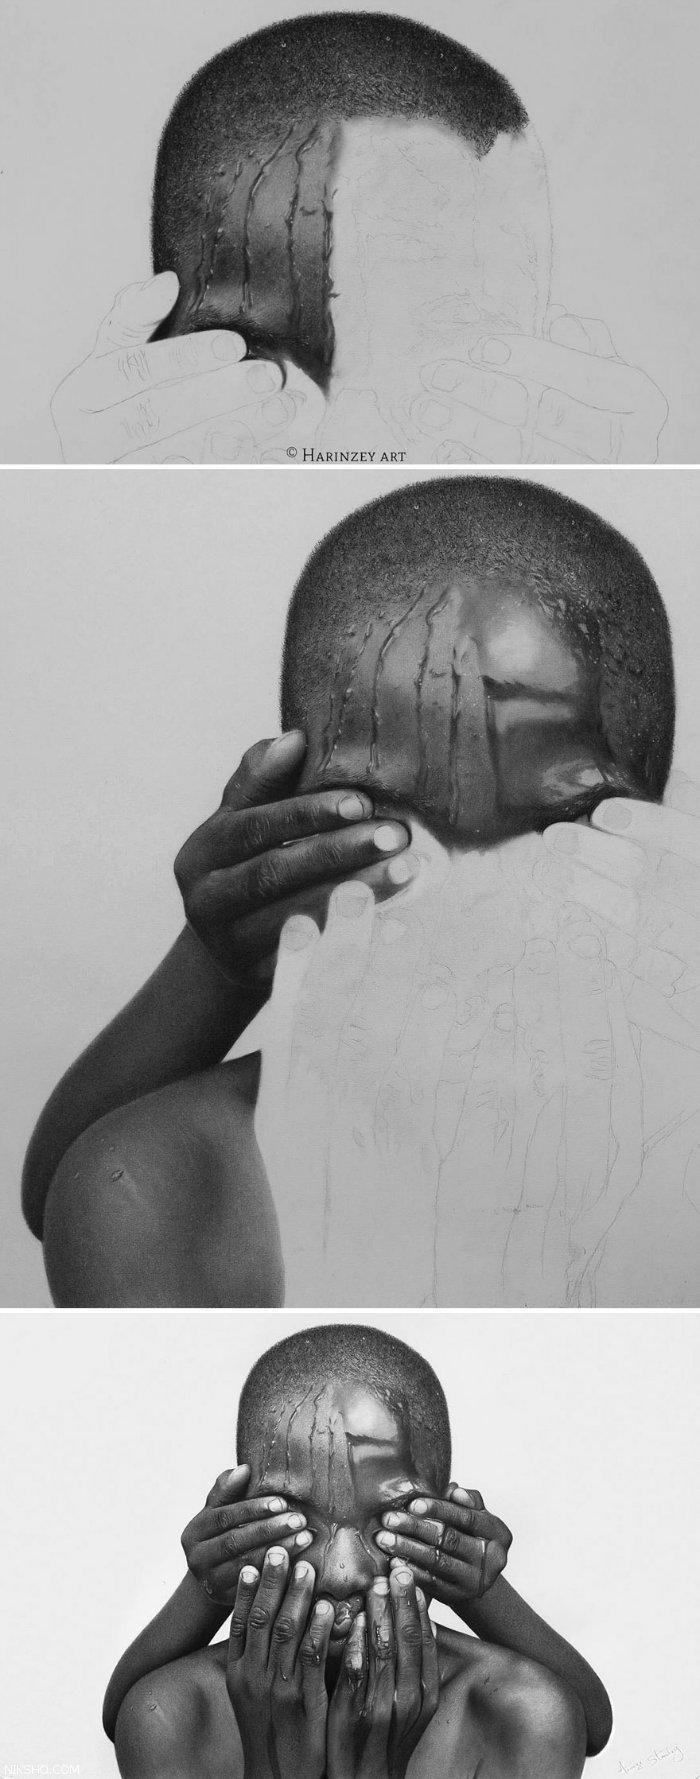 نقاشی های واقع گرایانه با مداد که باورتان نمی شود